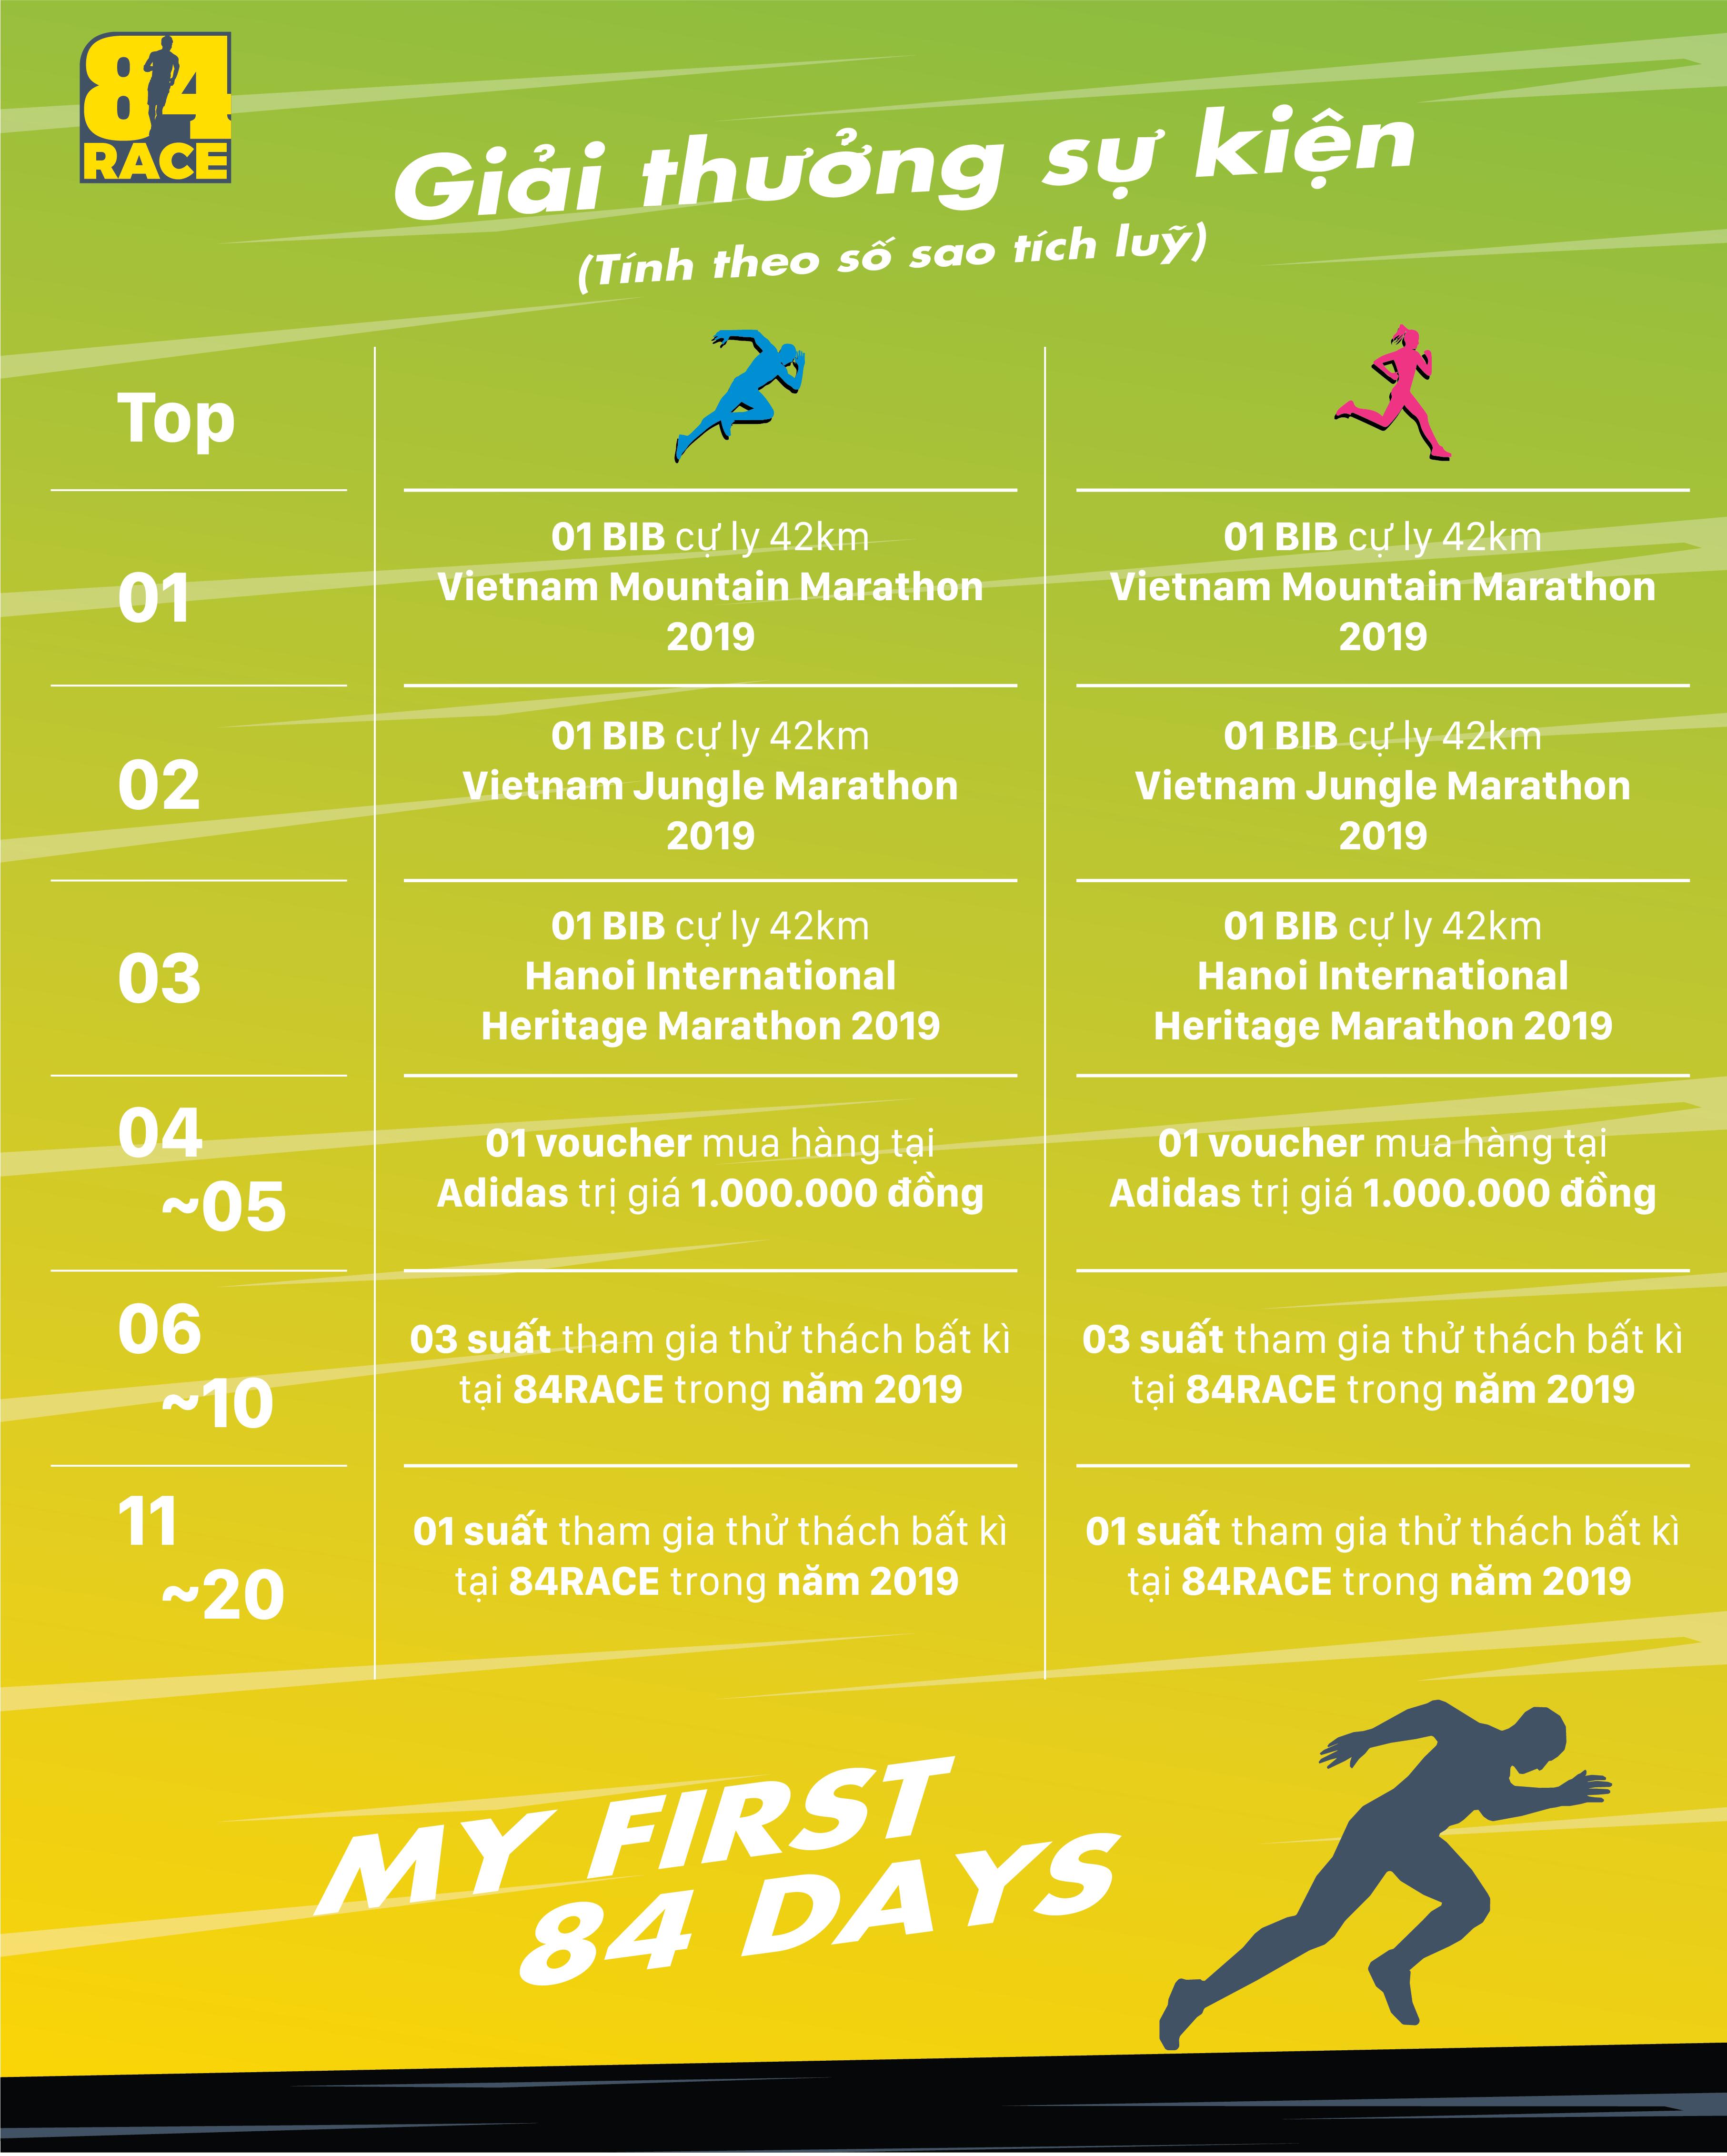 84race, run, runner, running, marathon, My 84 first days, virtual race, chạy bộ, giải thưởng chạy bộ, thử thách chạy bộ